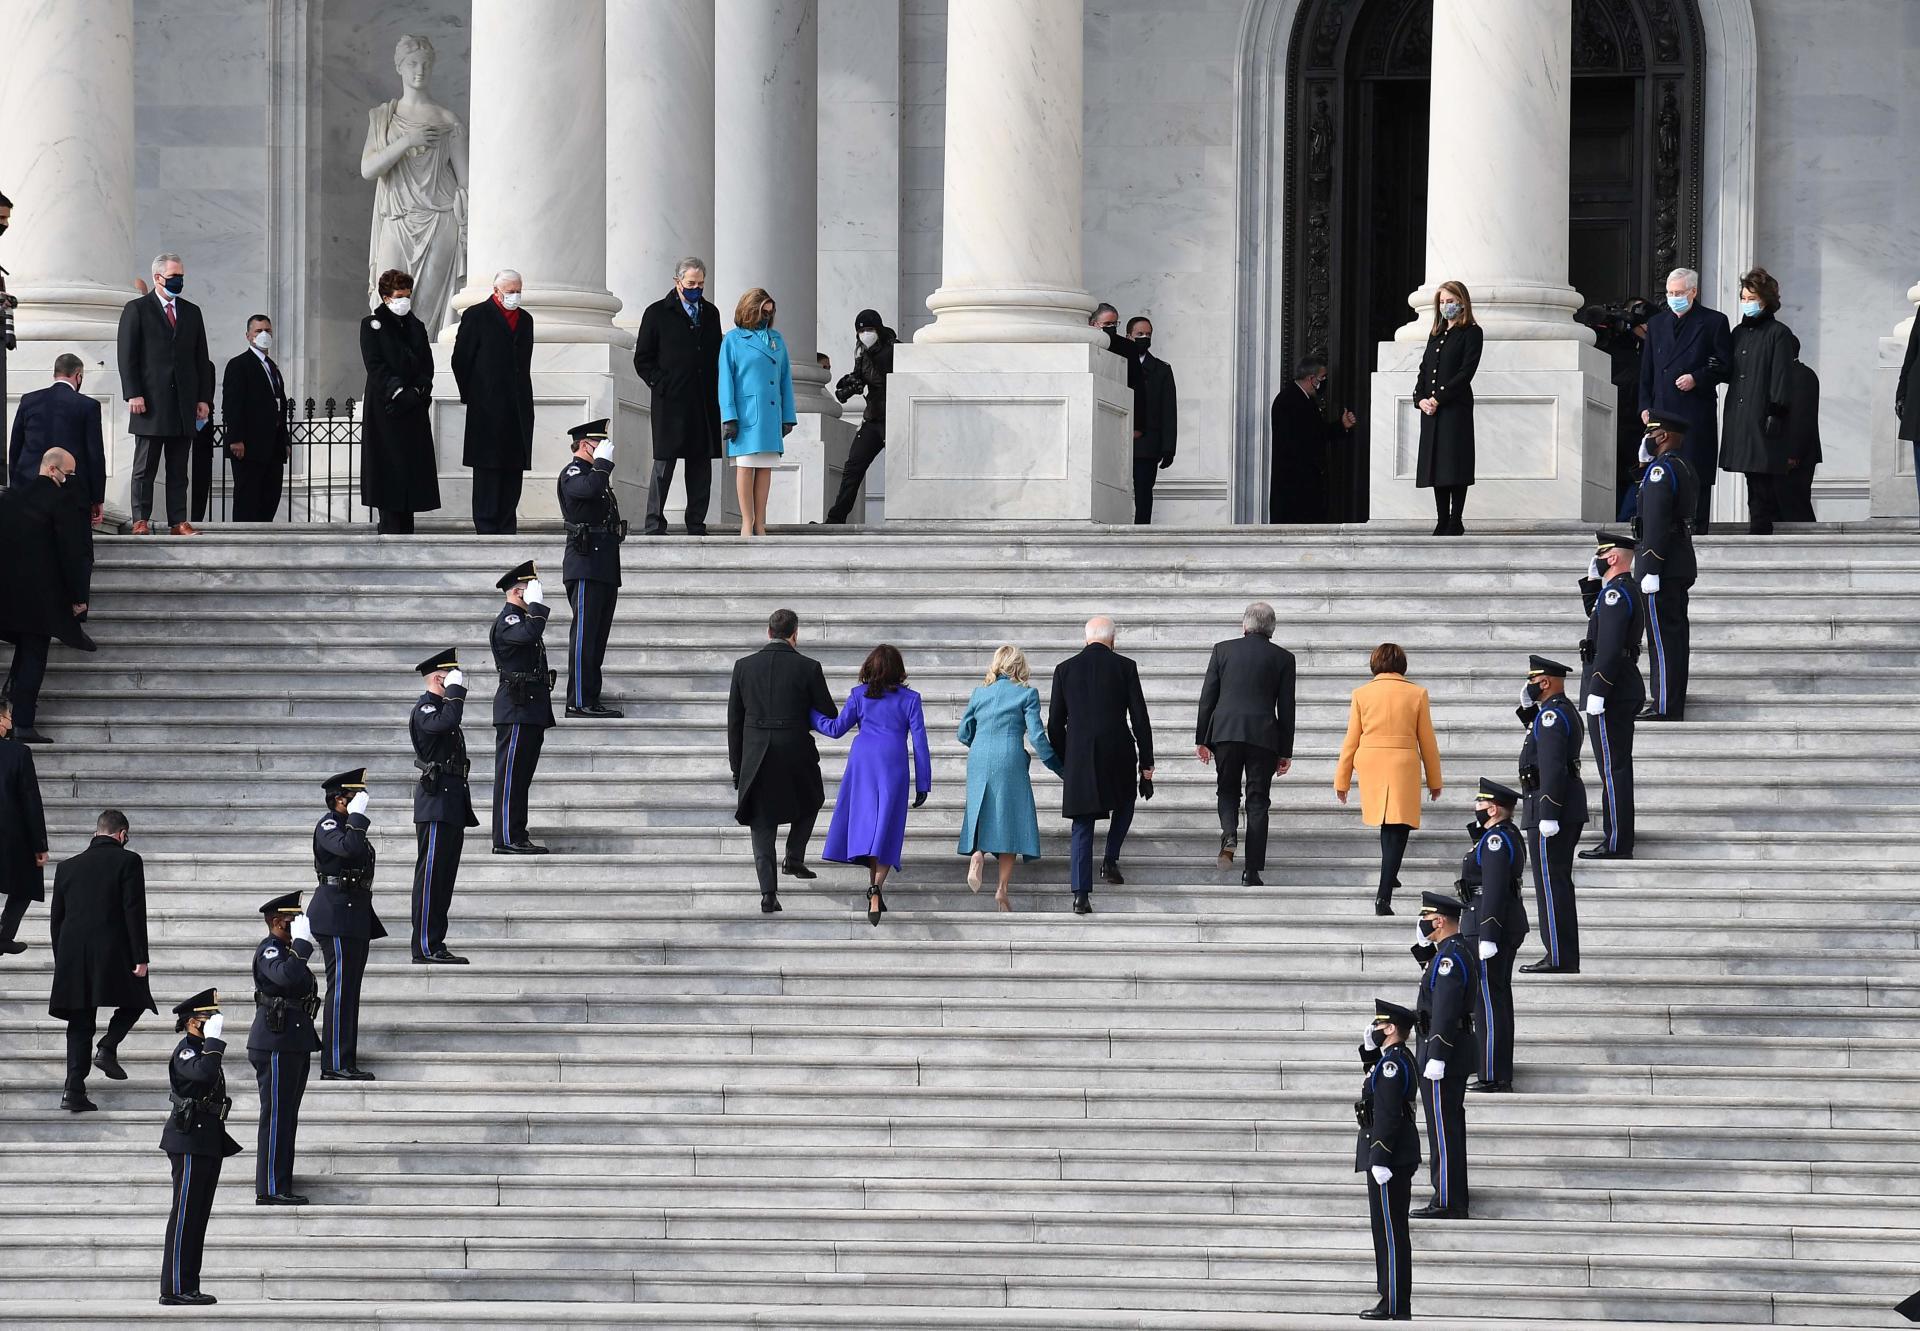 ورود جو بایدن و کمالا هریس ، همسران و سناتورهای آنها روی بلانت و ایمی کلوبوچار ، به پله های پایتخت.